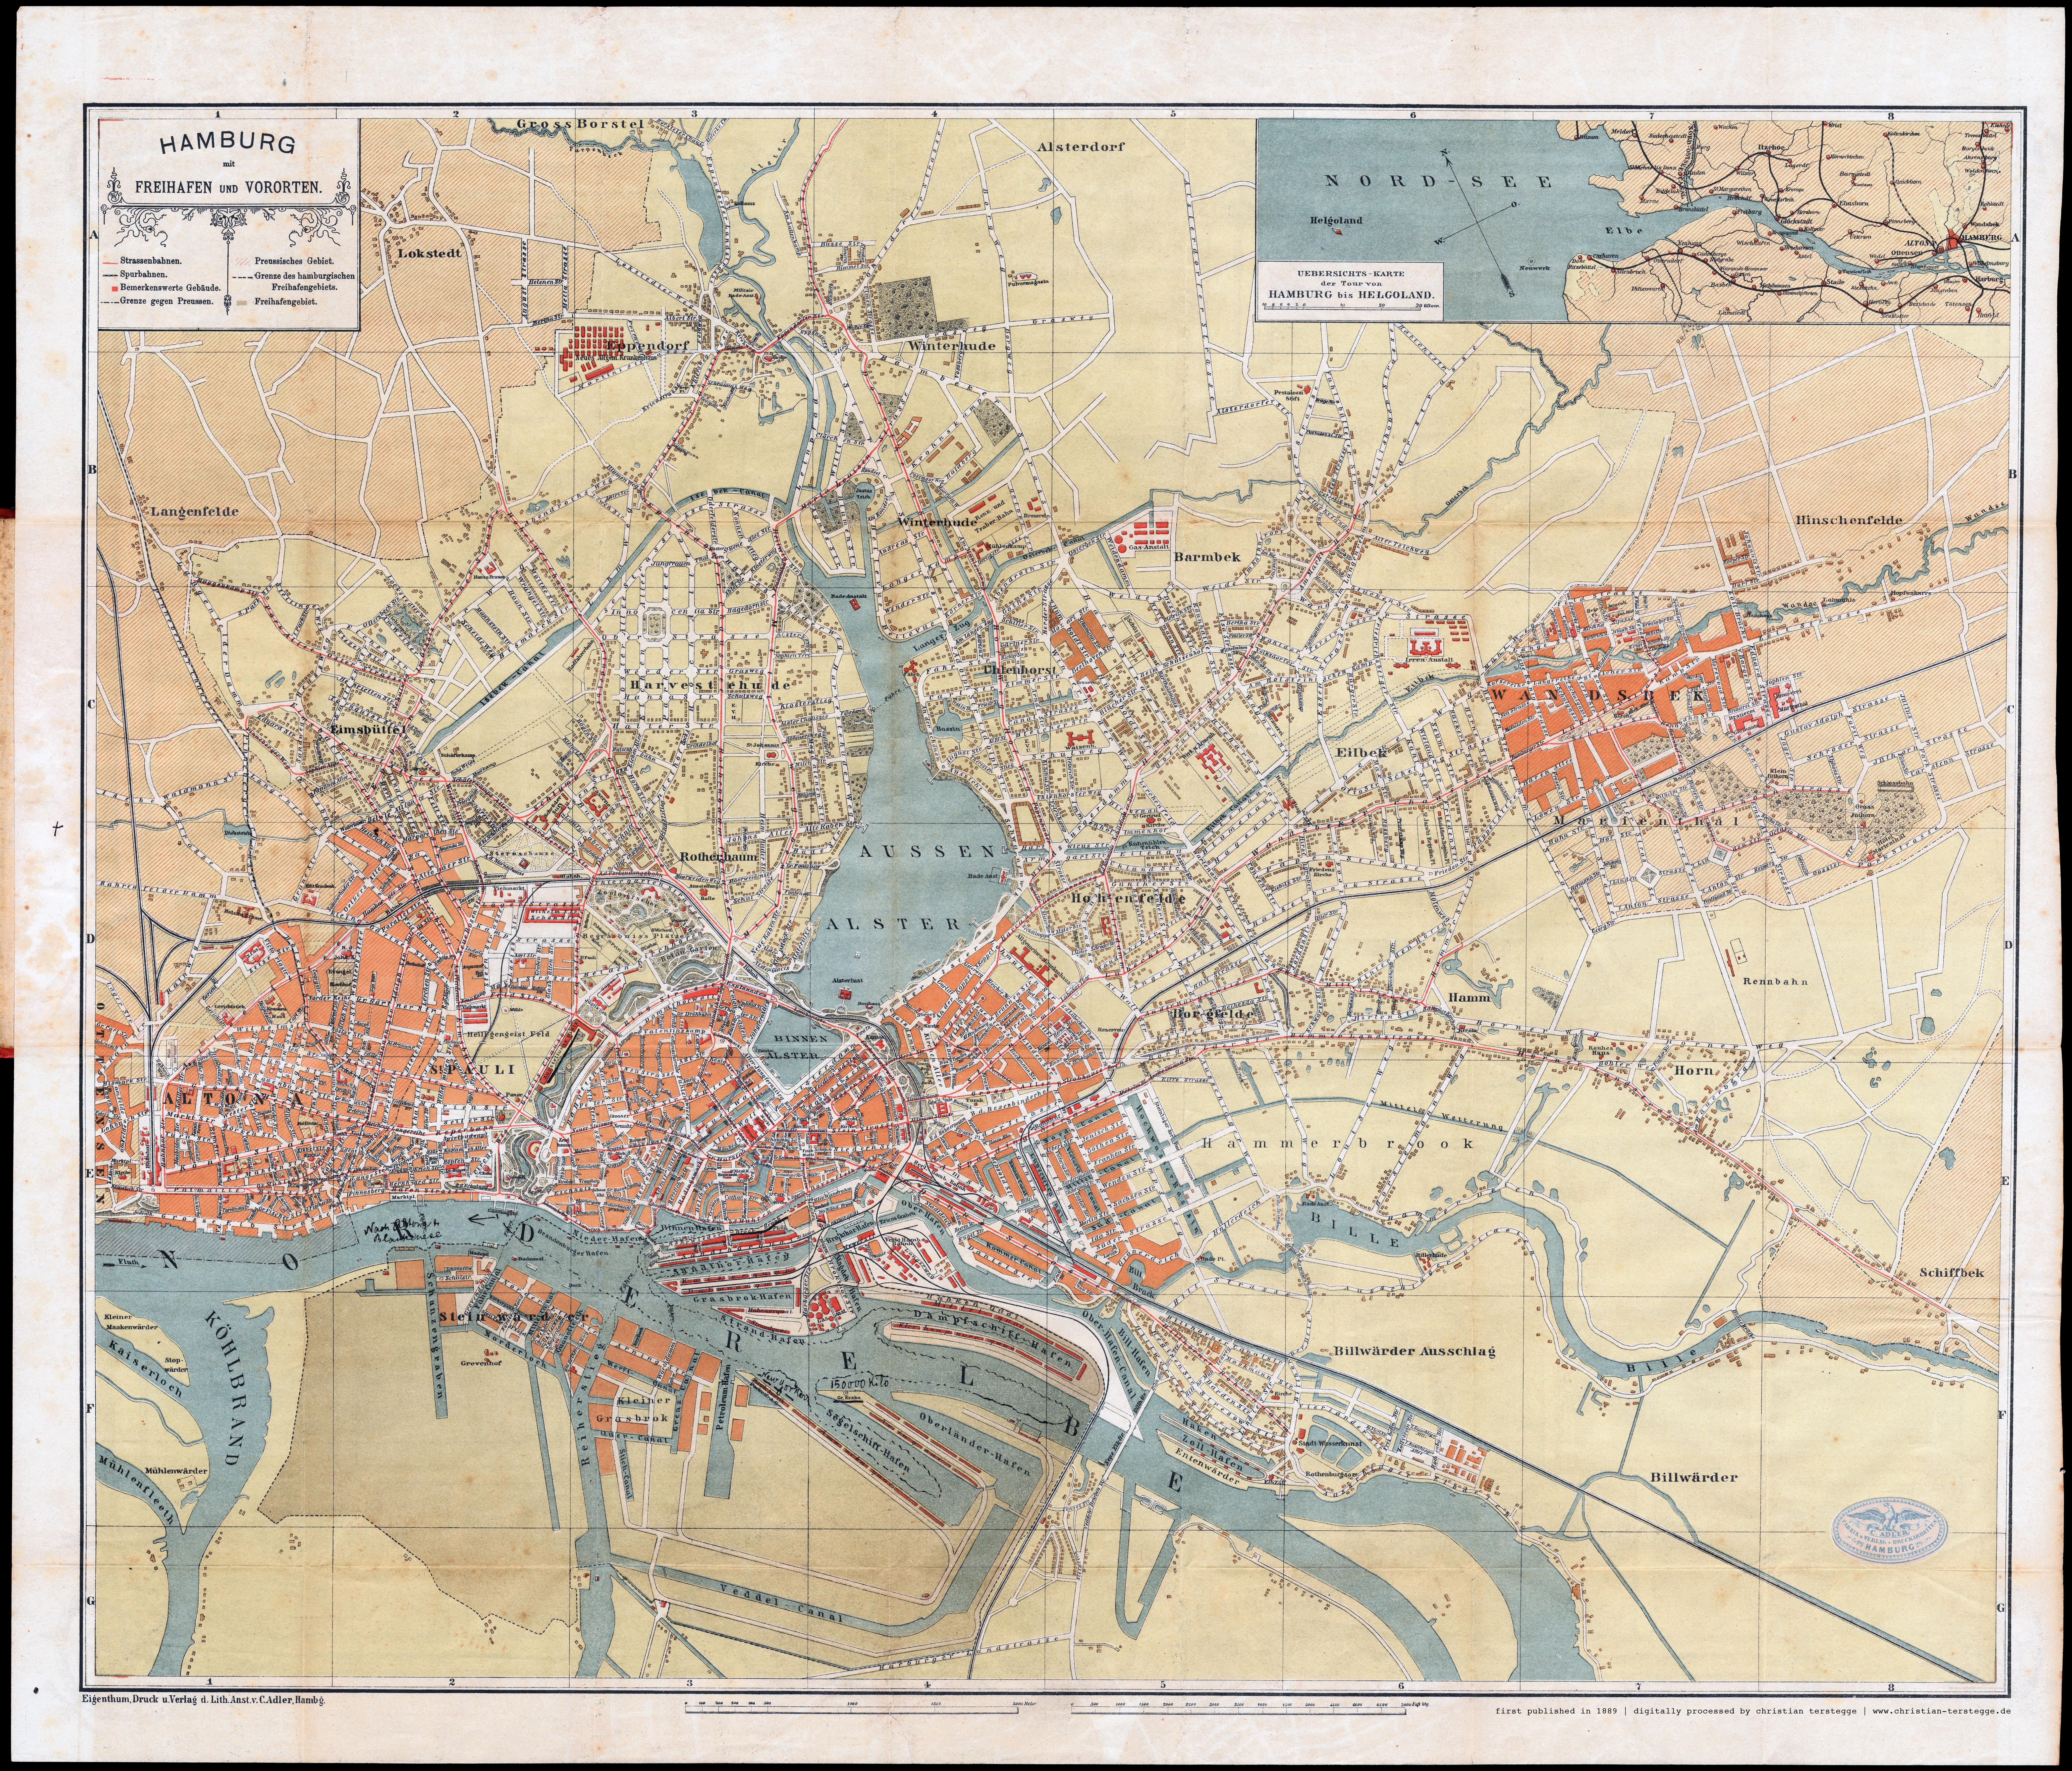 Alte Karte Deutschland 1940.Alte Und Historische Karten Und Stadtpläne Aus Hamburg